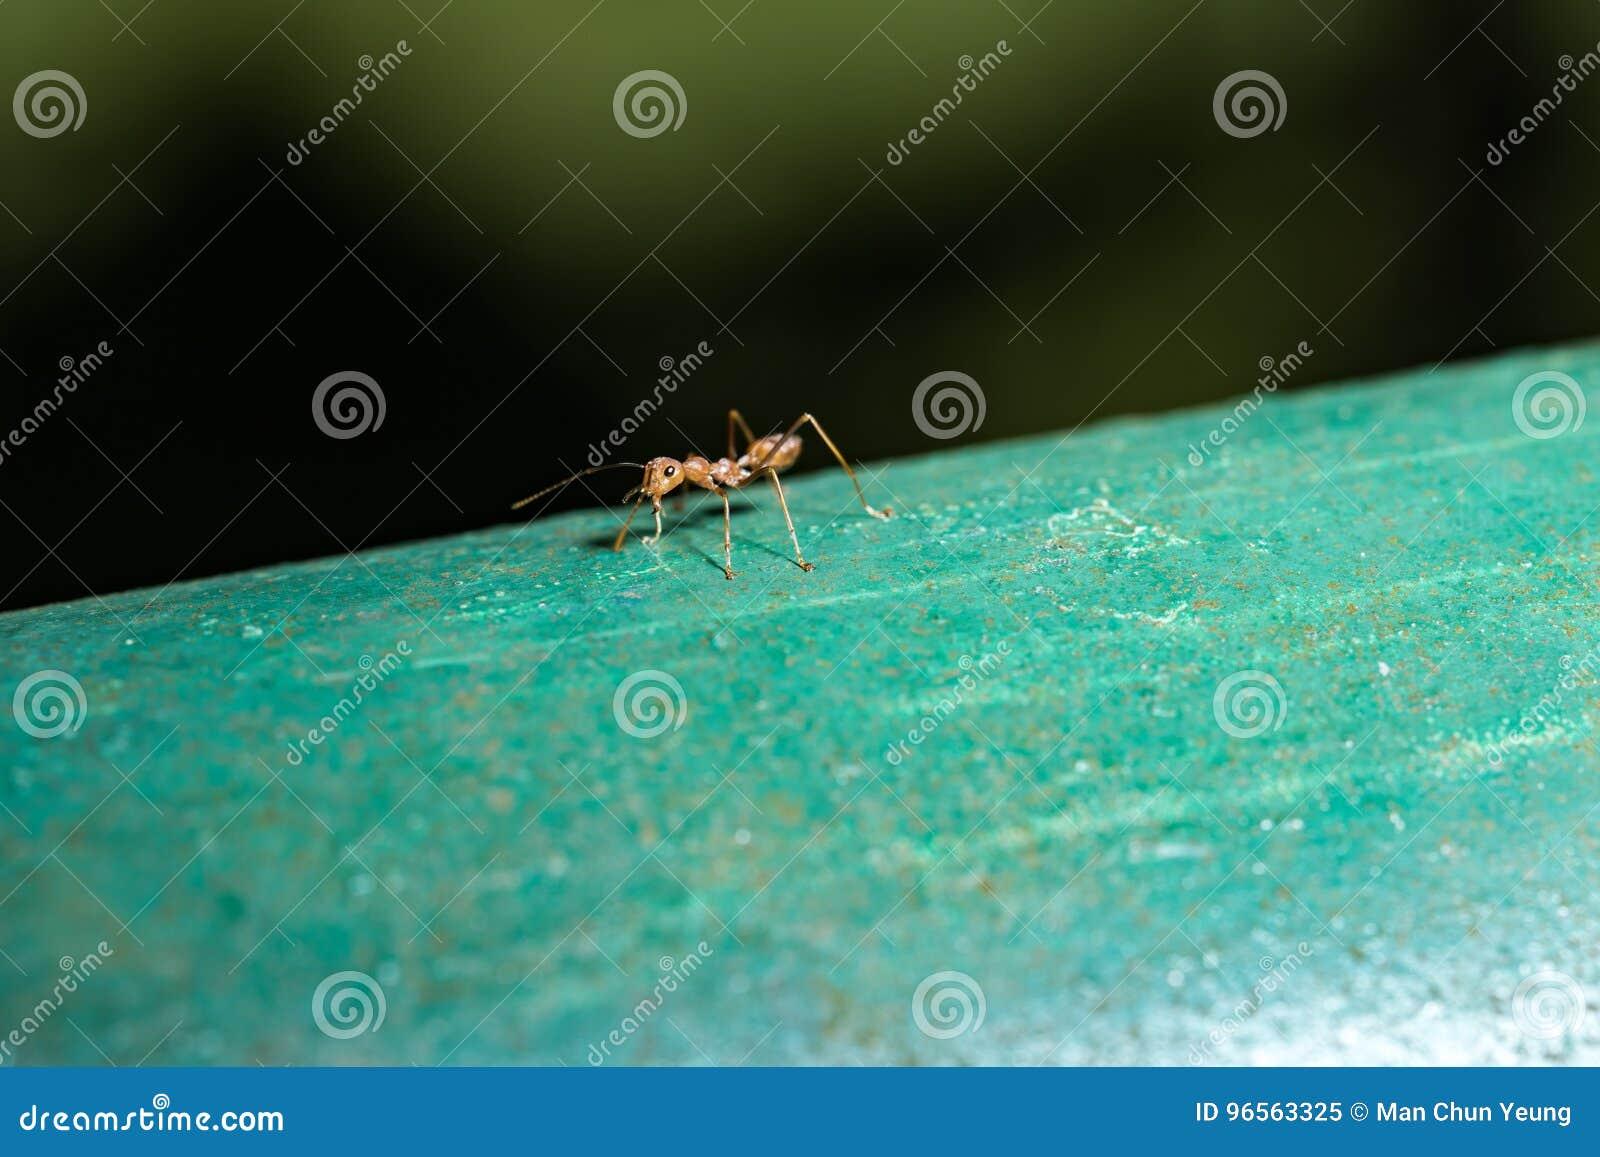 Hormiga roja imagen de archivo. Imagen de anatomía, flash - 96563325